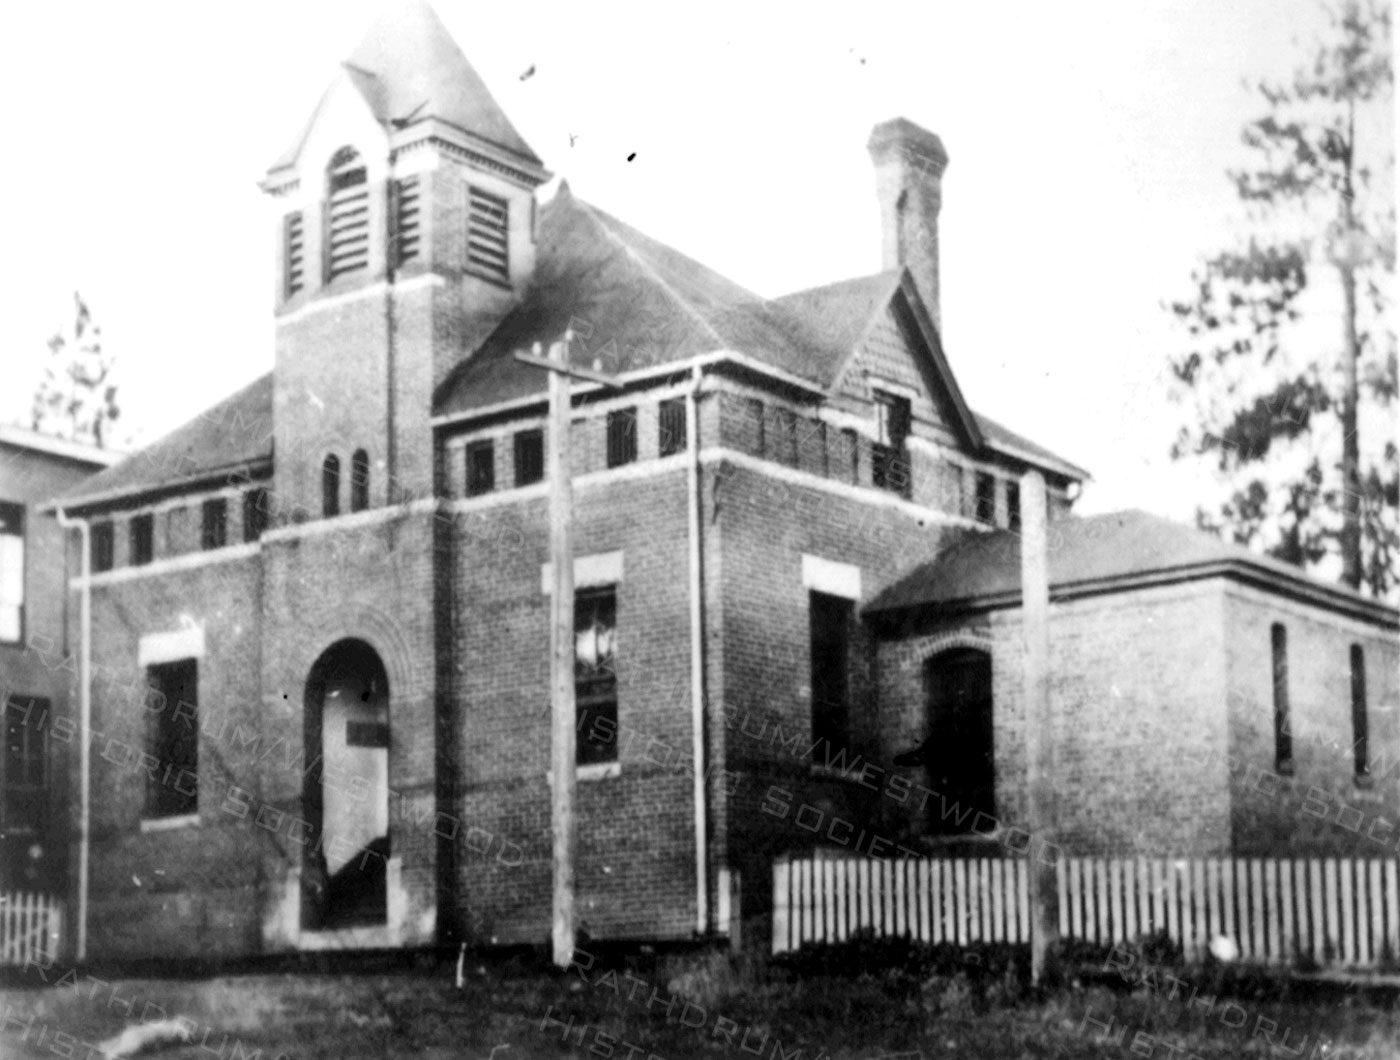 Rathdrum Jail 1905